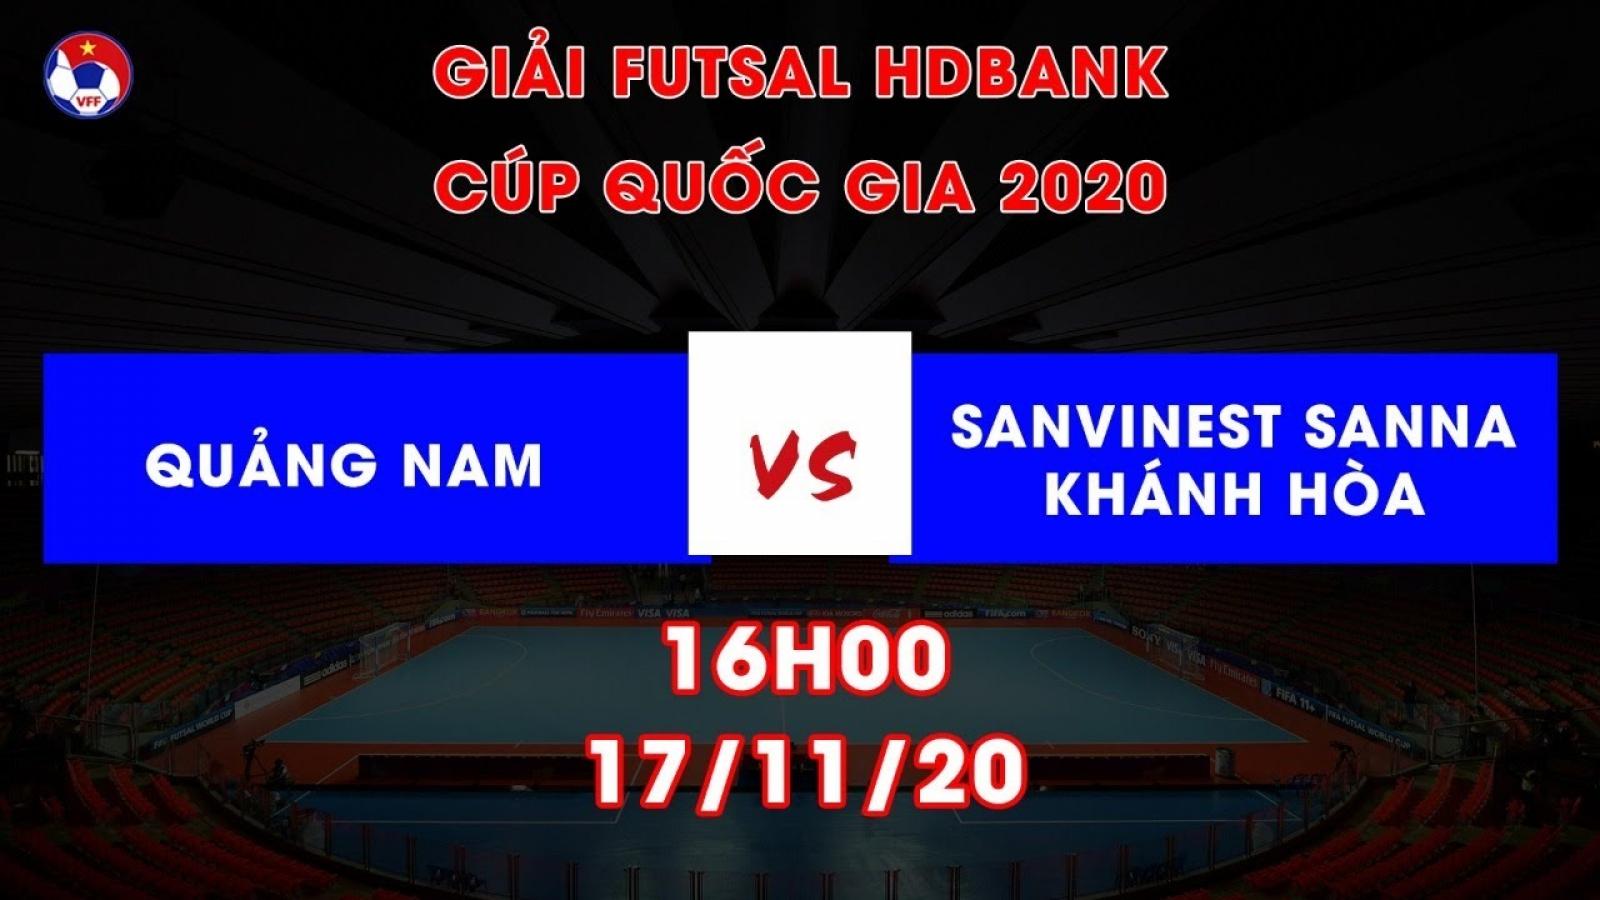 Trực tiếp Quảng Nam vs S. Sanna Khánh Hòa Giải Futsal HDBank Cúp Quốc gia 2020